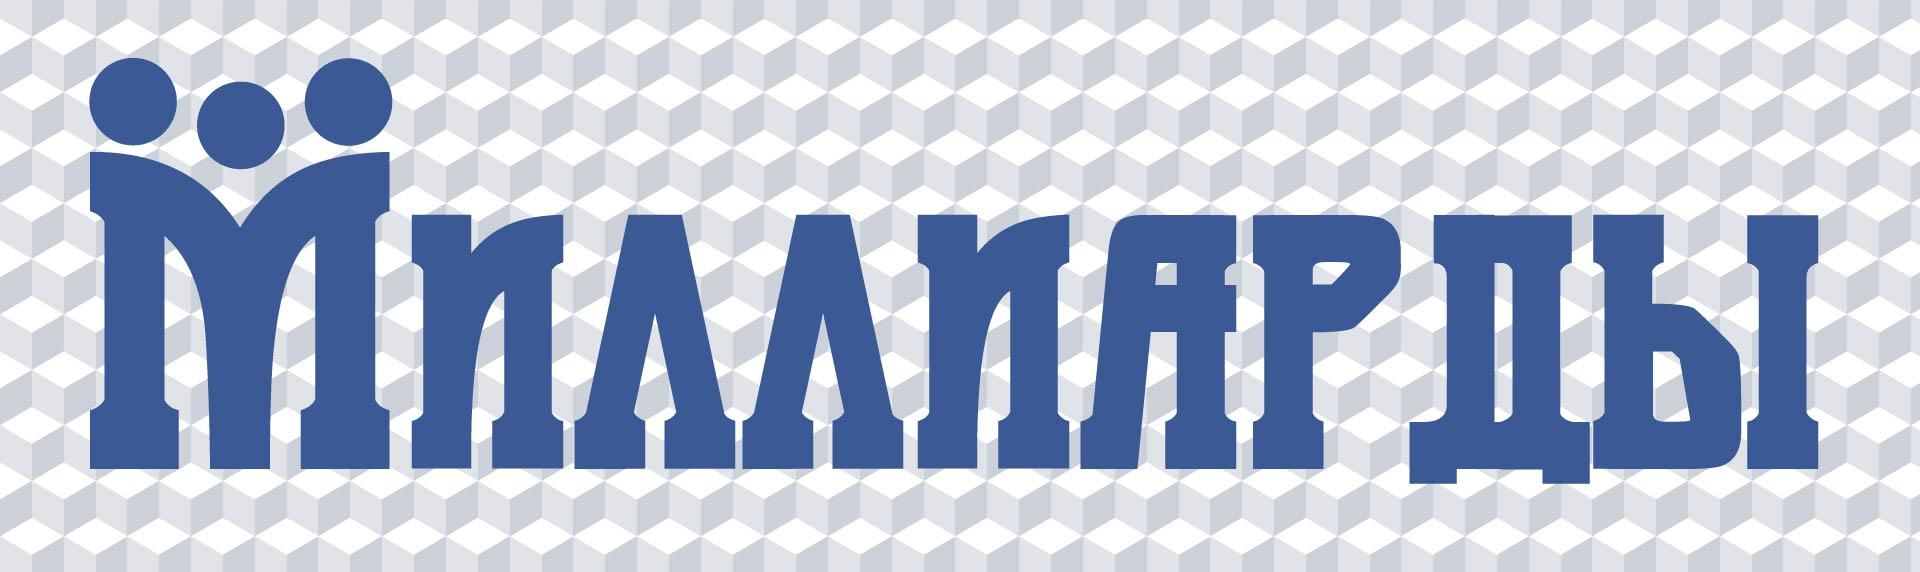 Создание логотипа фото f_6655e419e4acad40.jpg